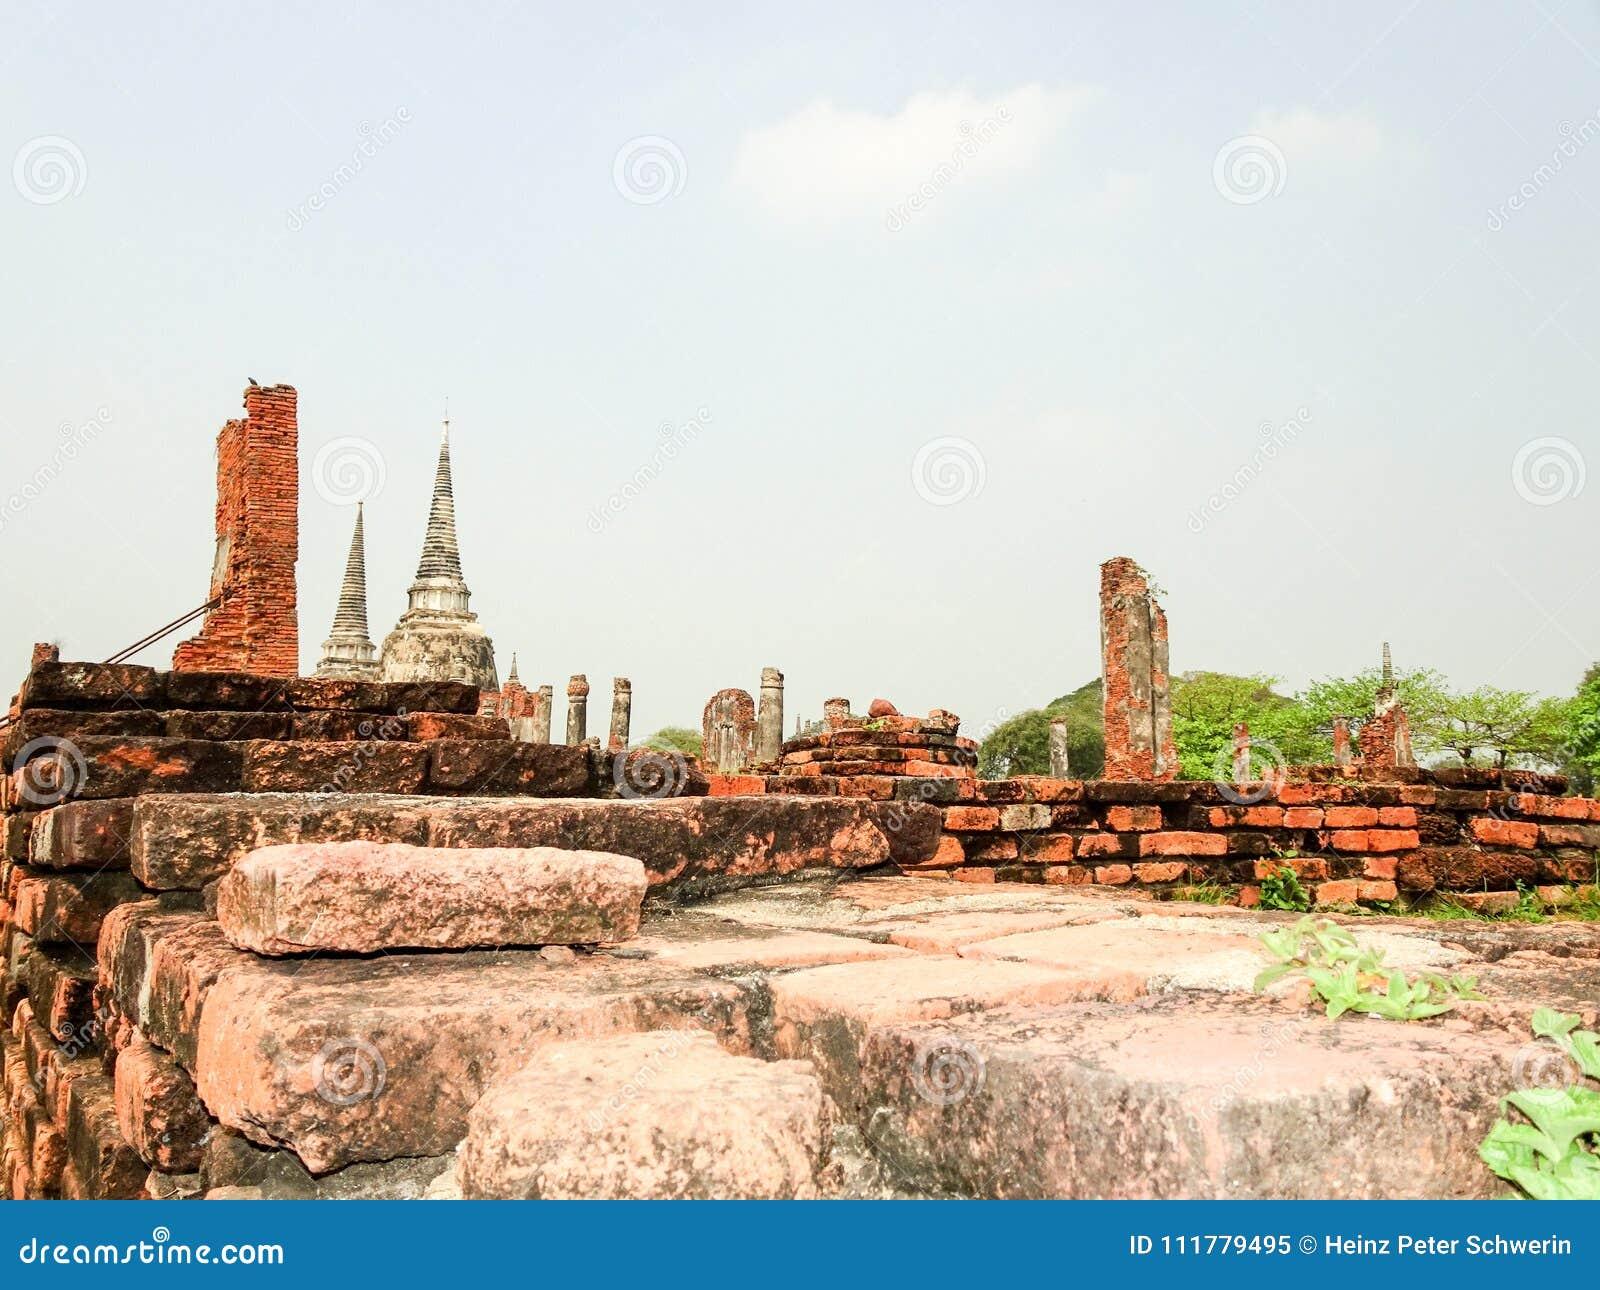 Ayutthayakapitaal van het Koninkrijk van Siam